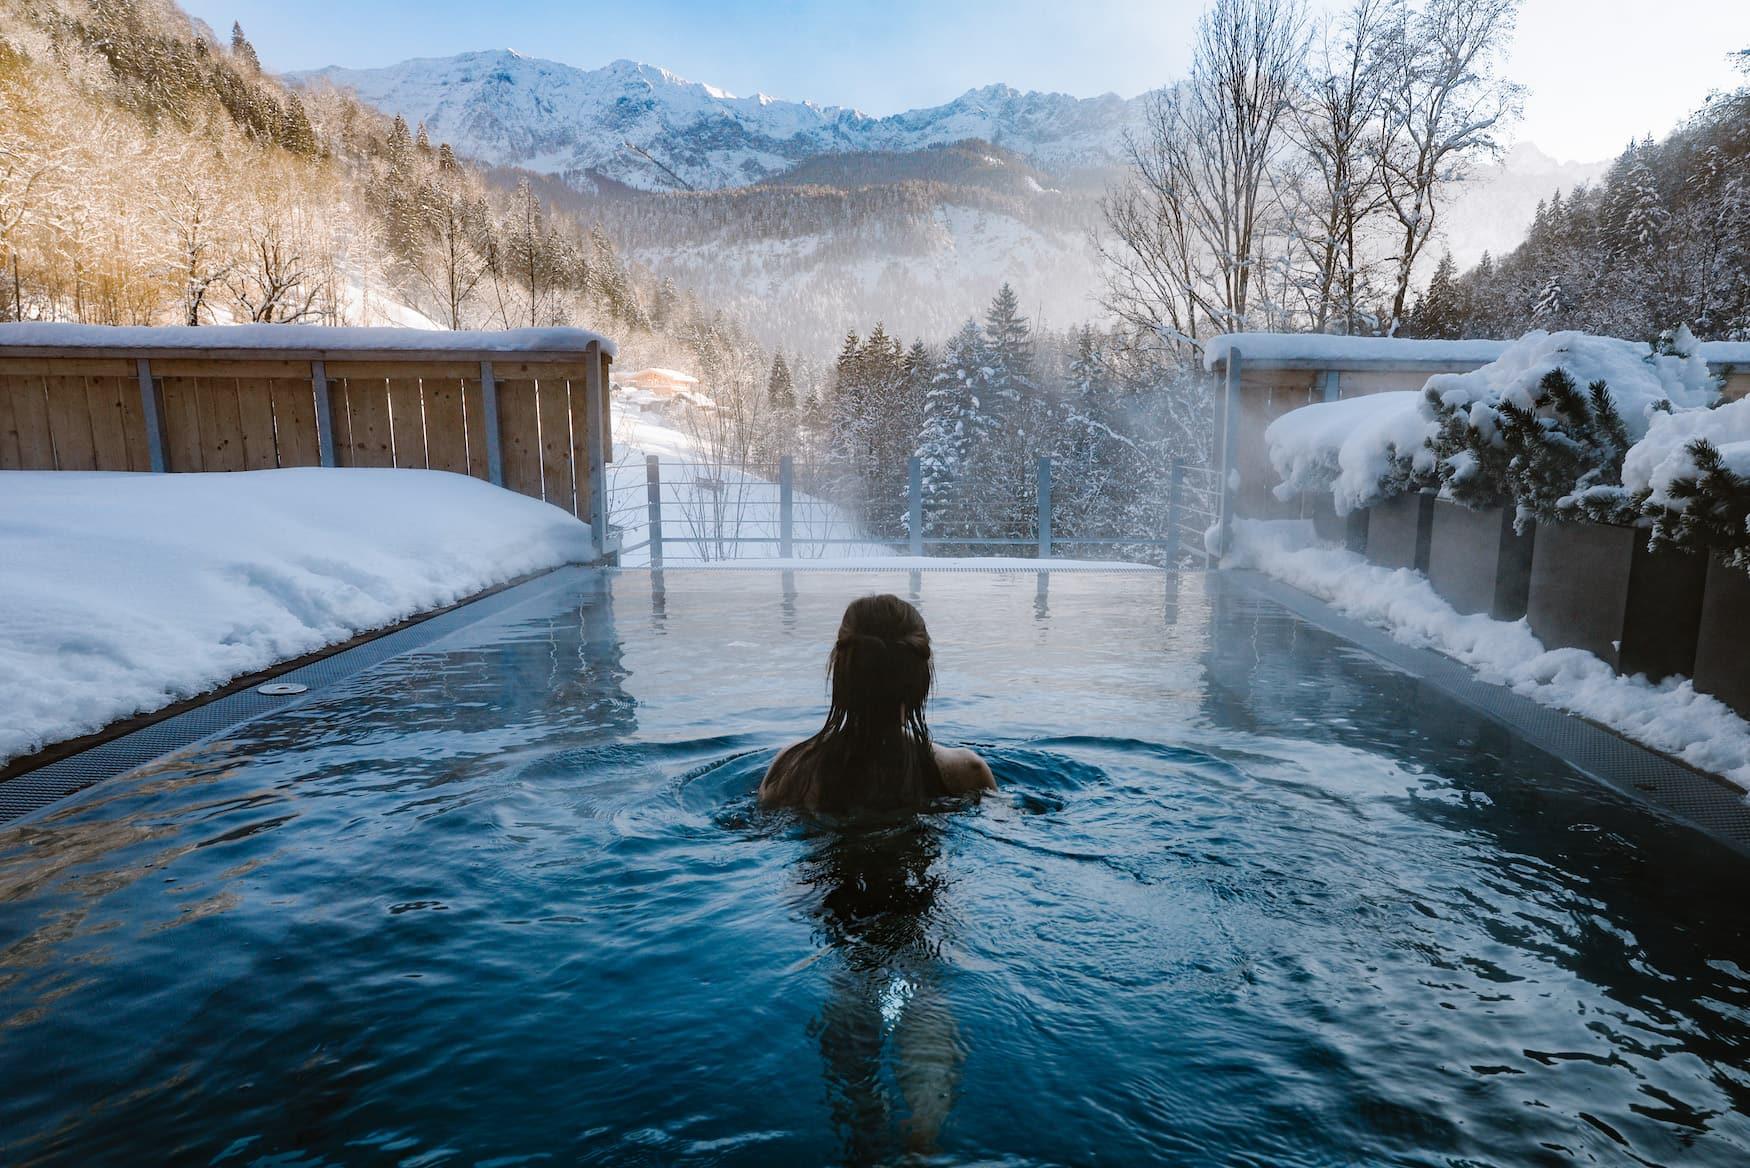 Mädchen im Außenpool eines Wellnesshotels in Garmisch-Patenkirchen